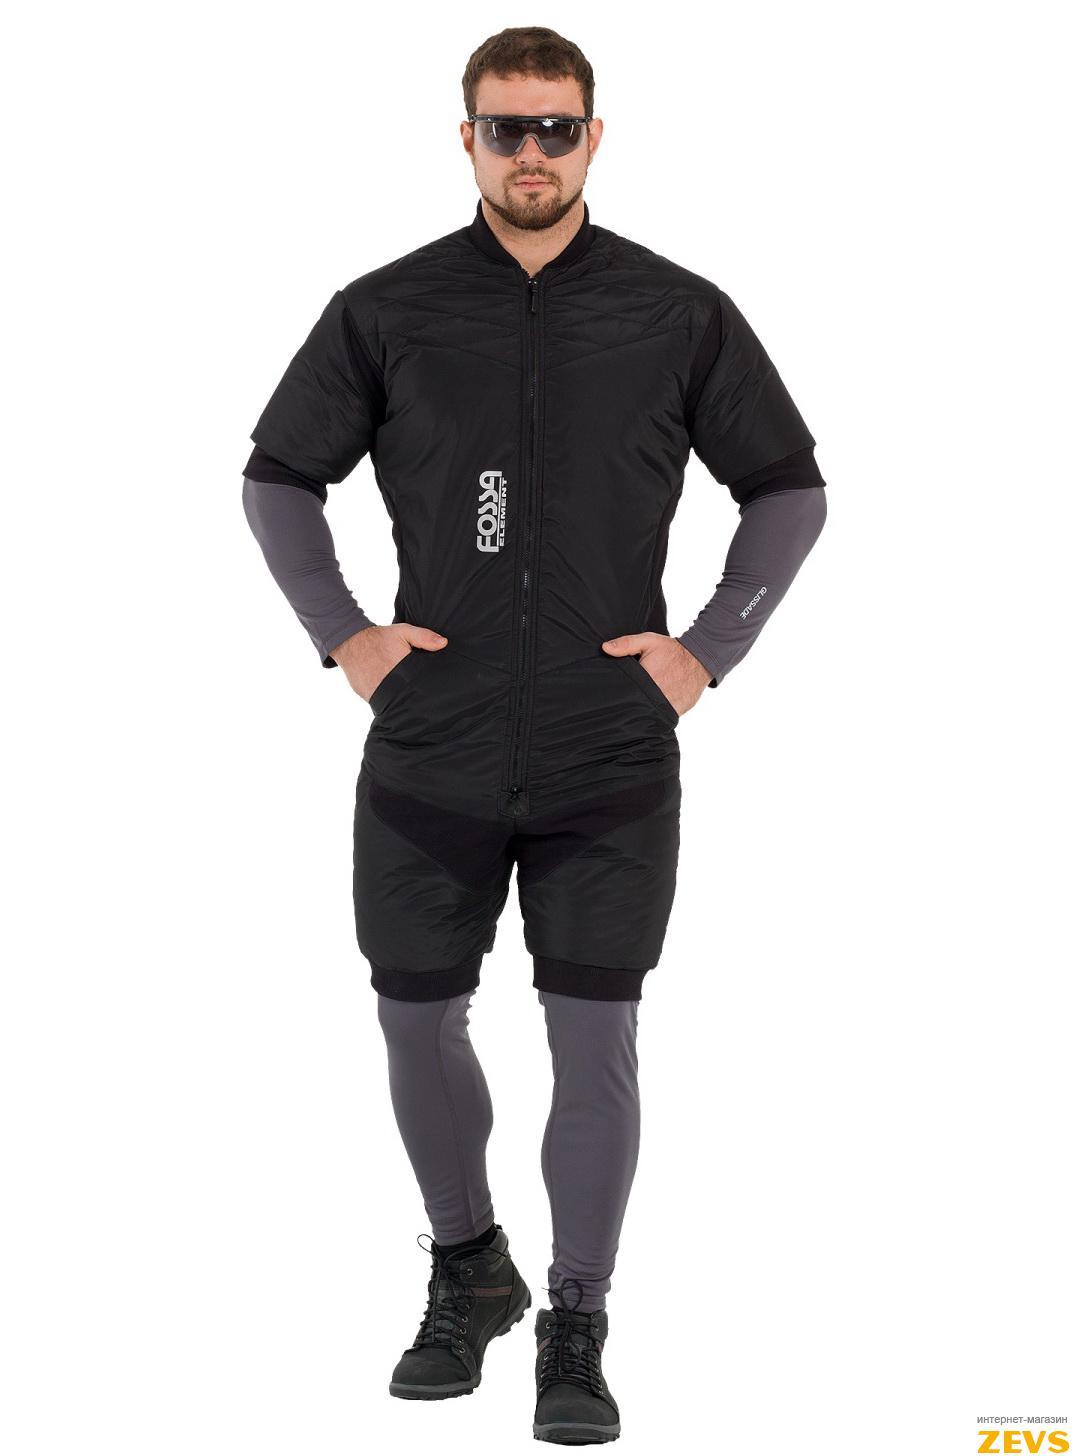 Термокостюм мужской укороченный (комбинезон) POWER, Fossa. Уникальный  согревающий термокомбинезон ... 7203530ceca